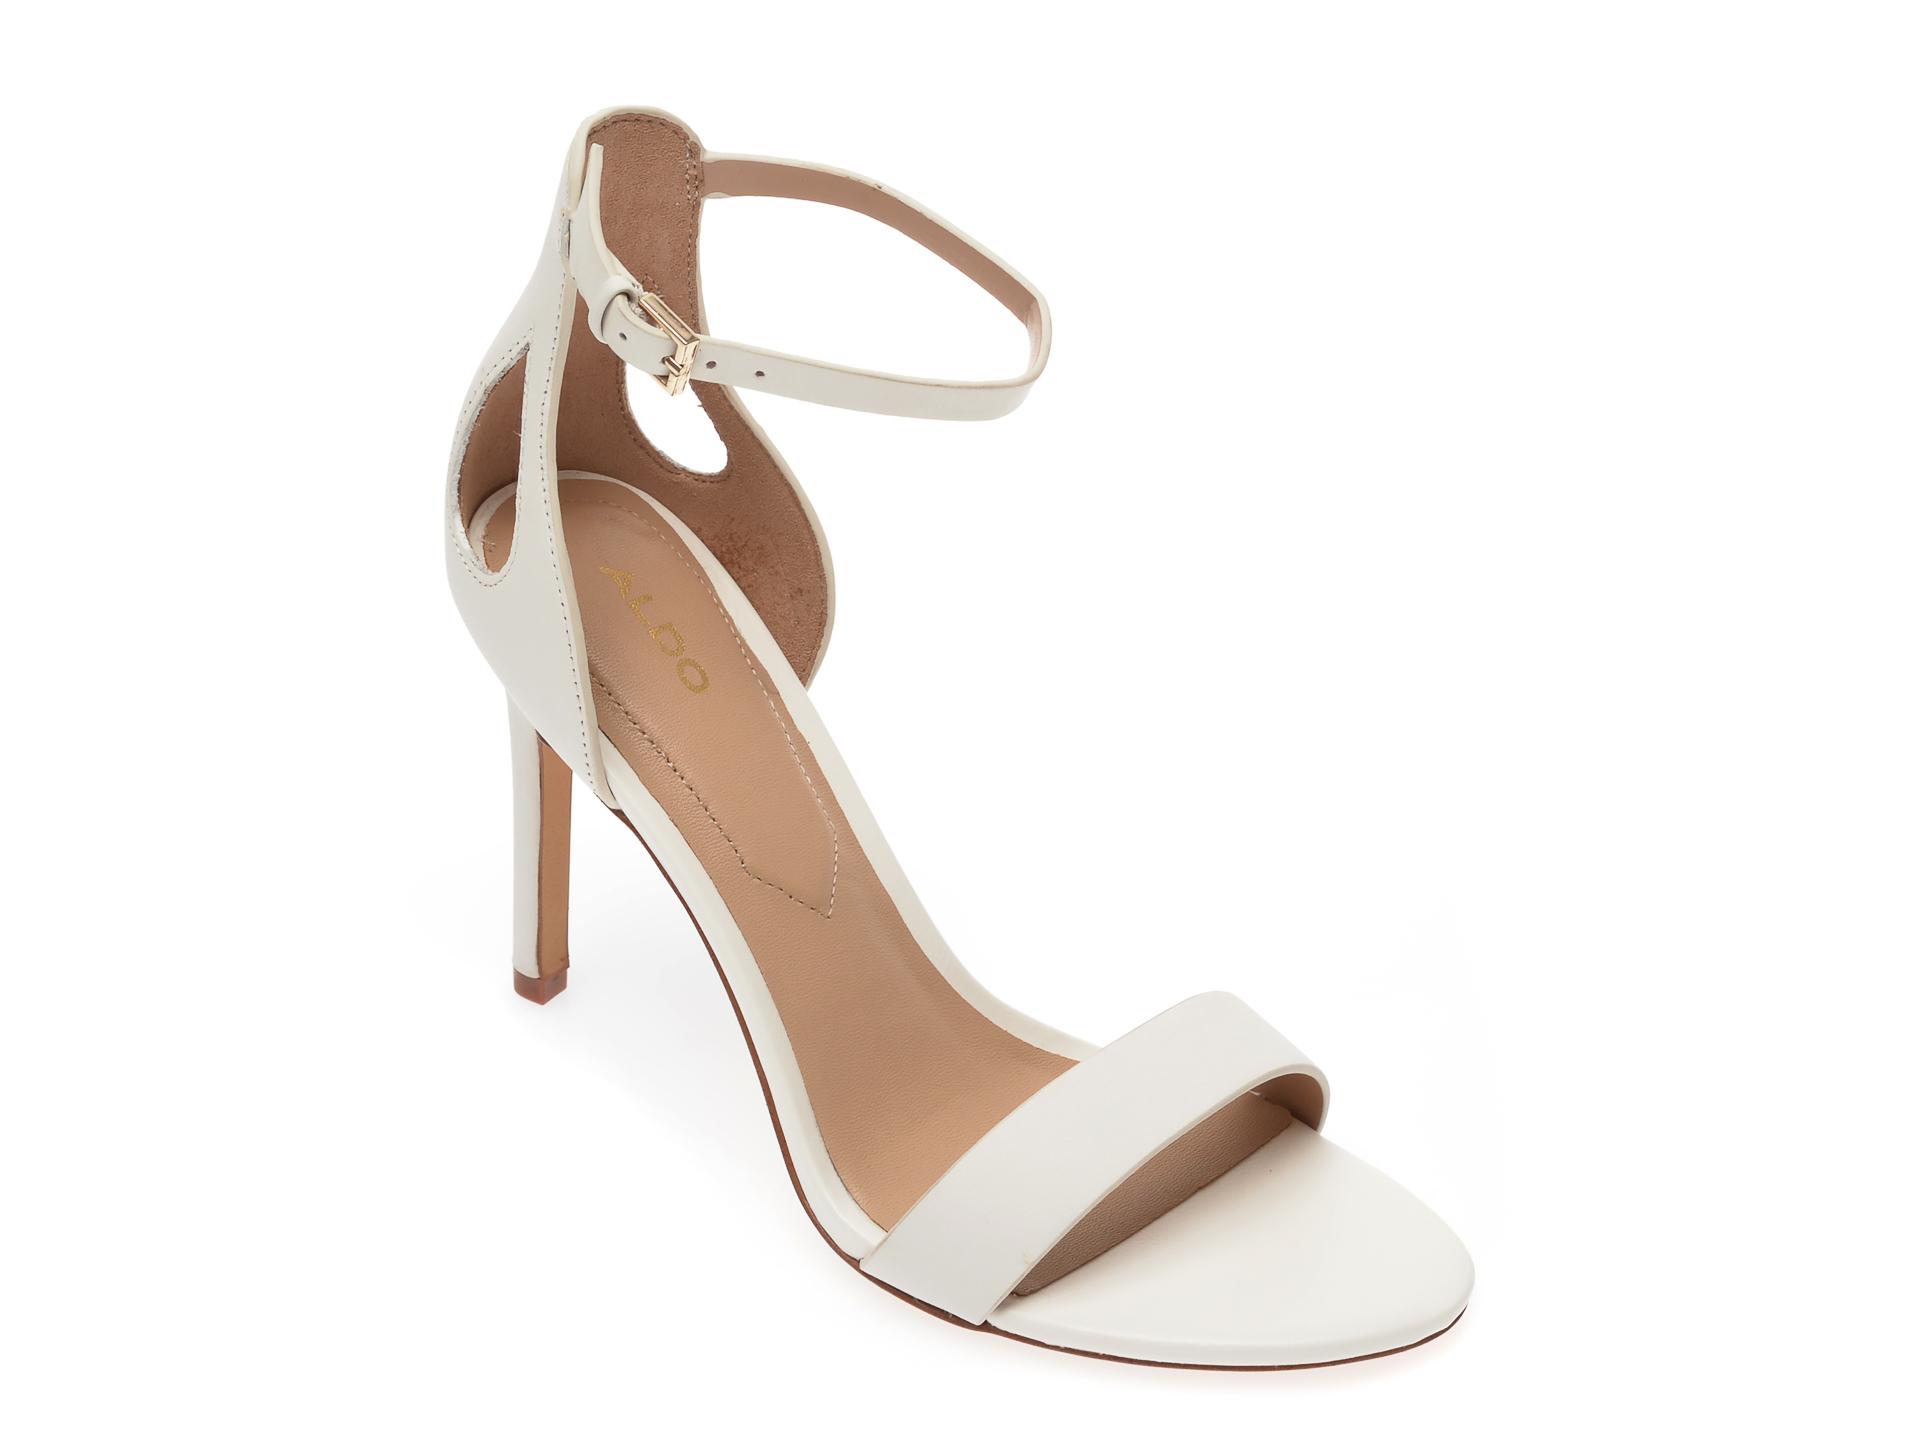 Sandale ALDO albe, Violla100, din piele naturala New